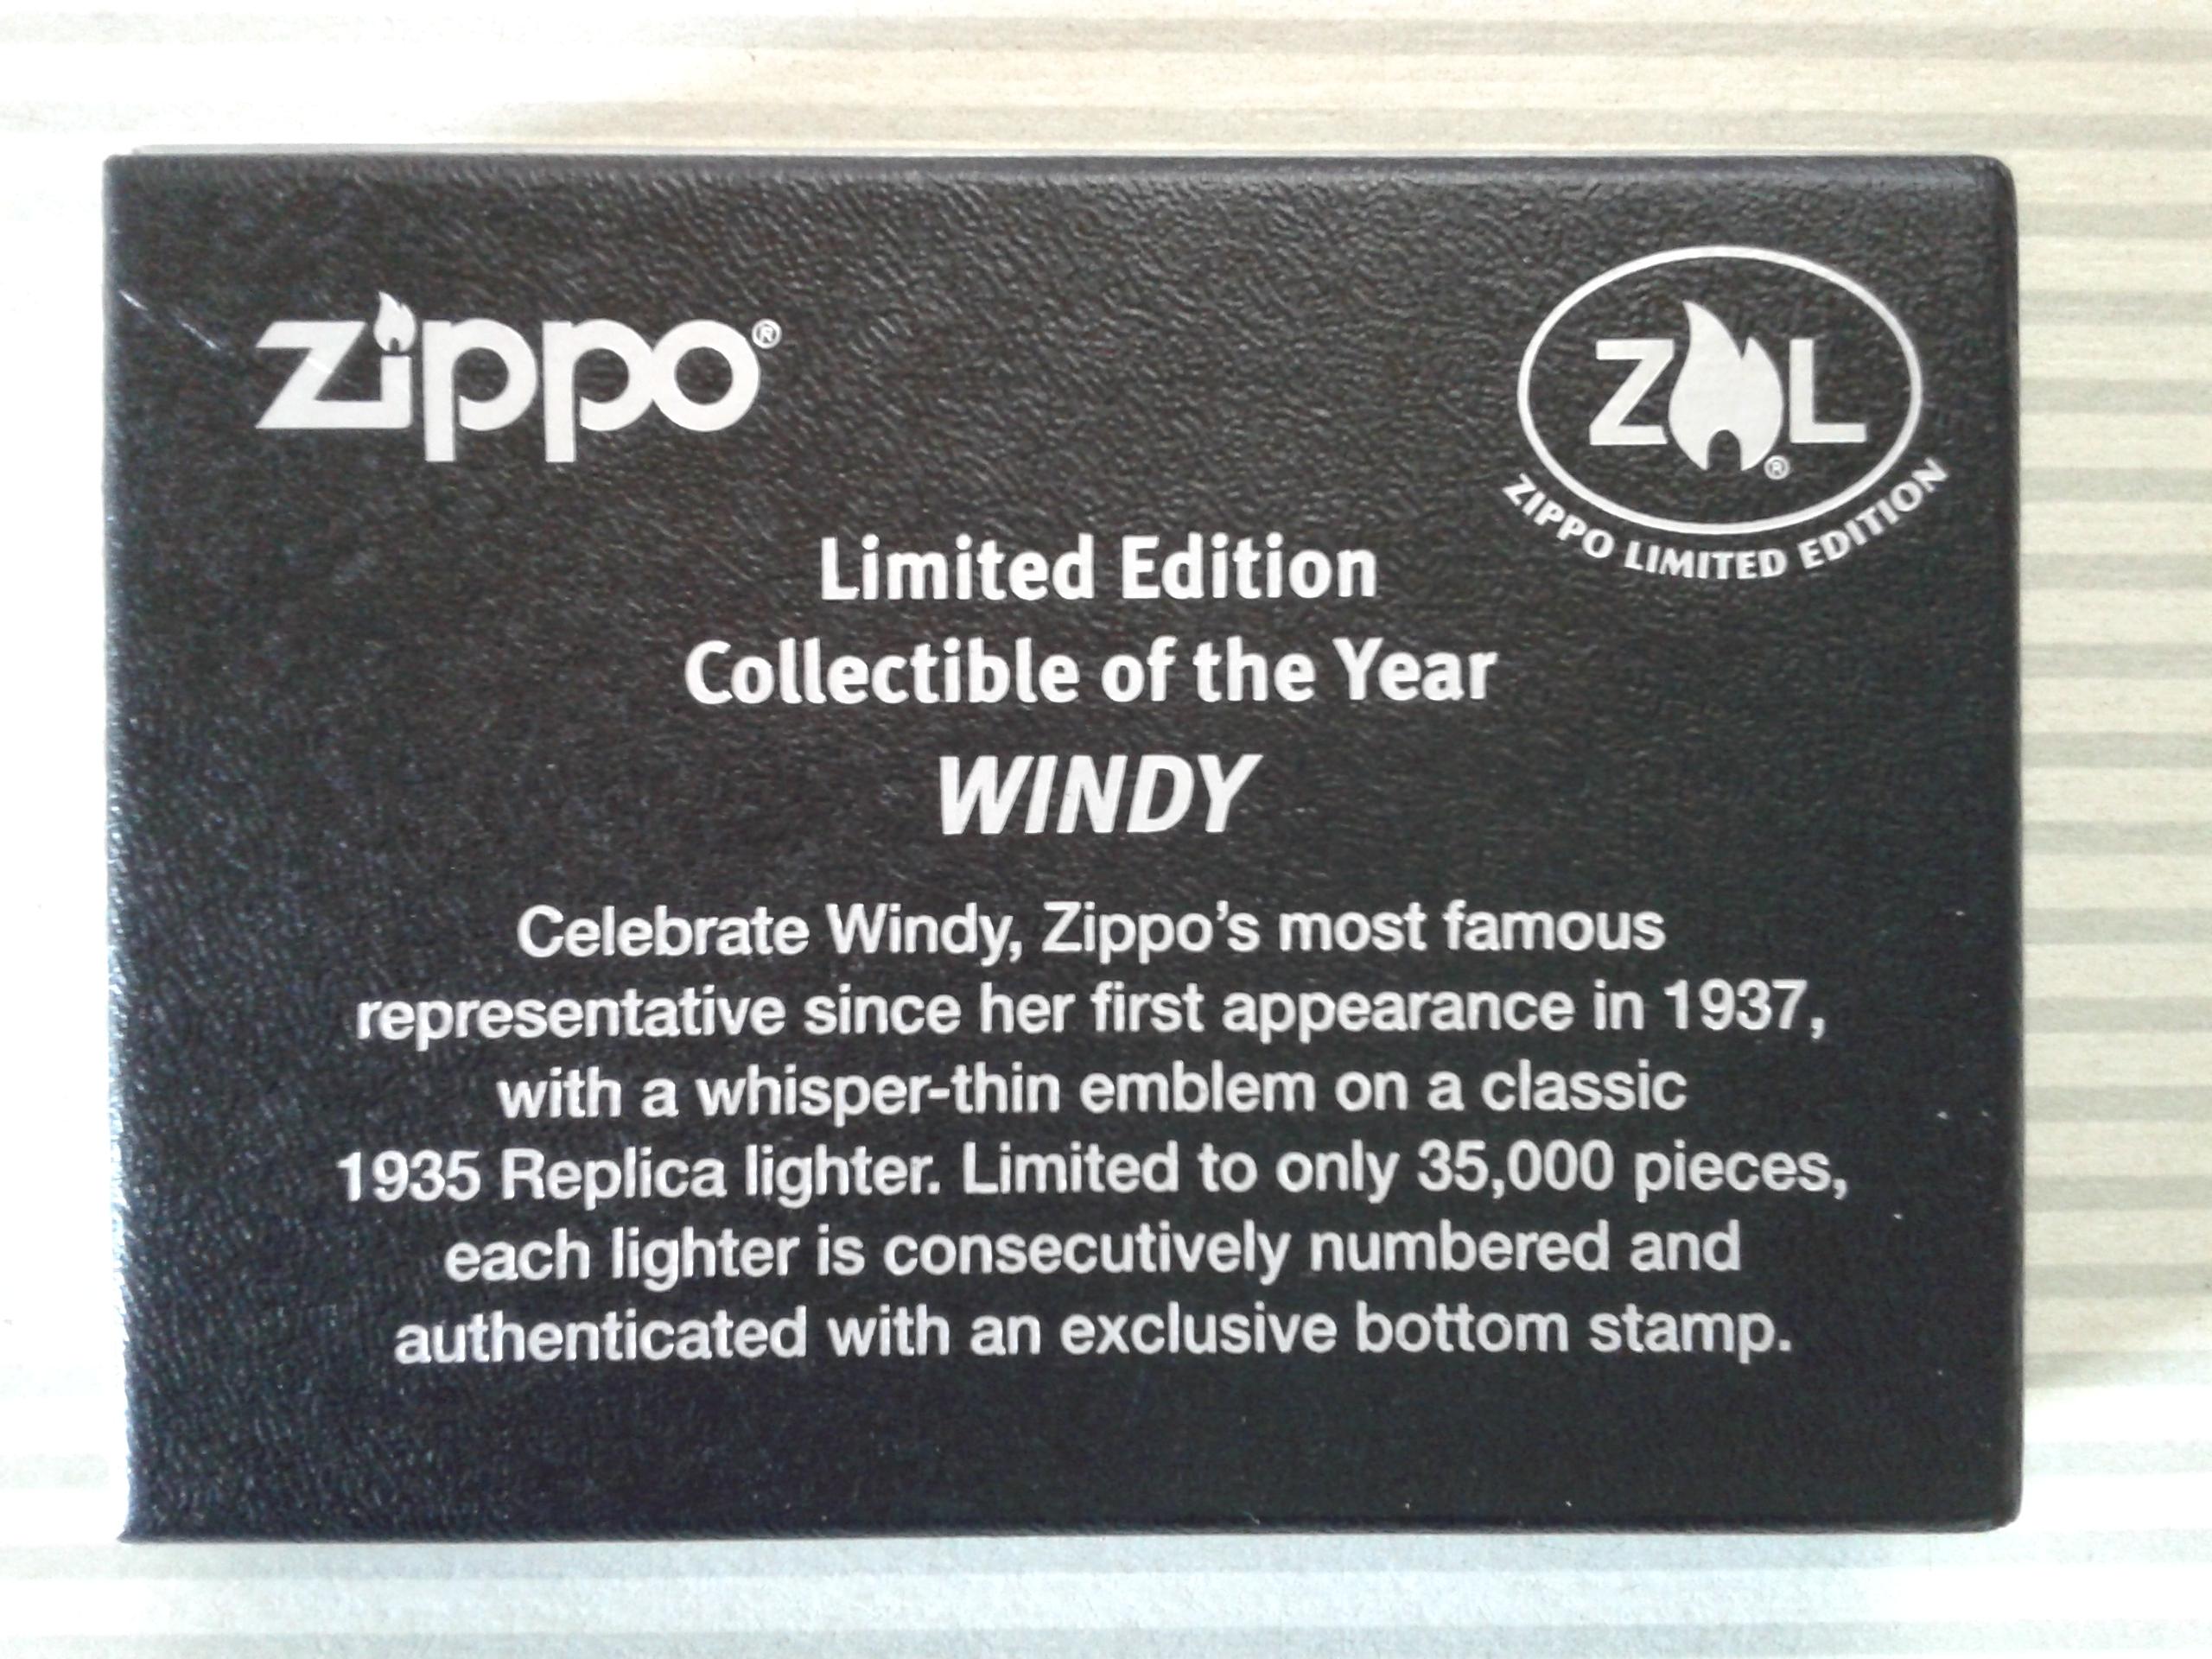 Les boites Zippo au fil du temps - Page 3 915634WindyCOTY20133